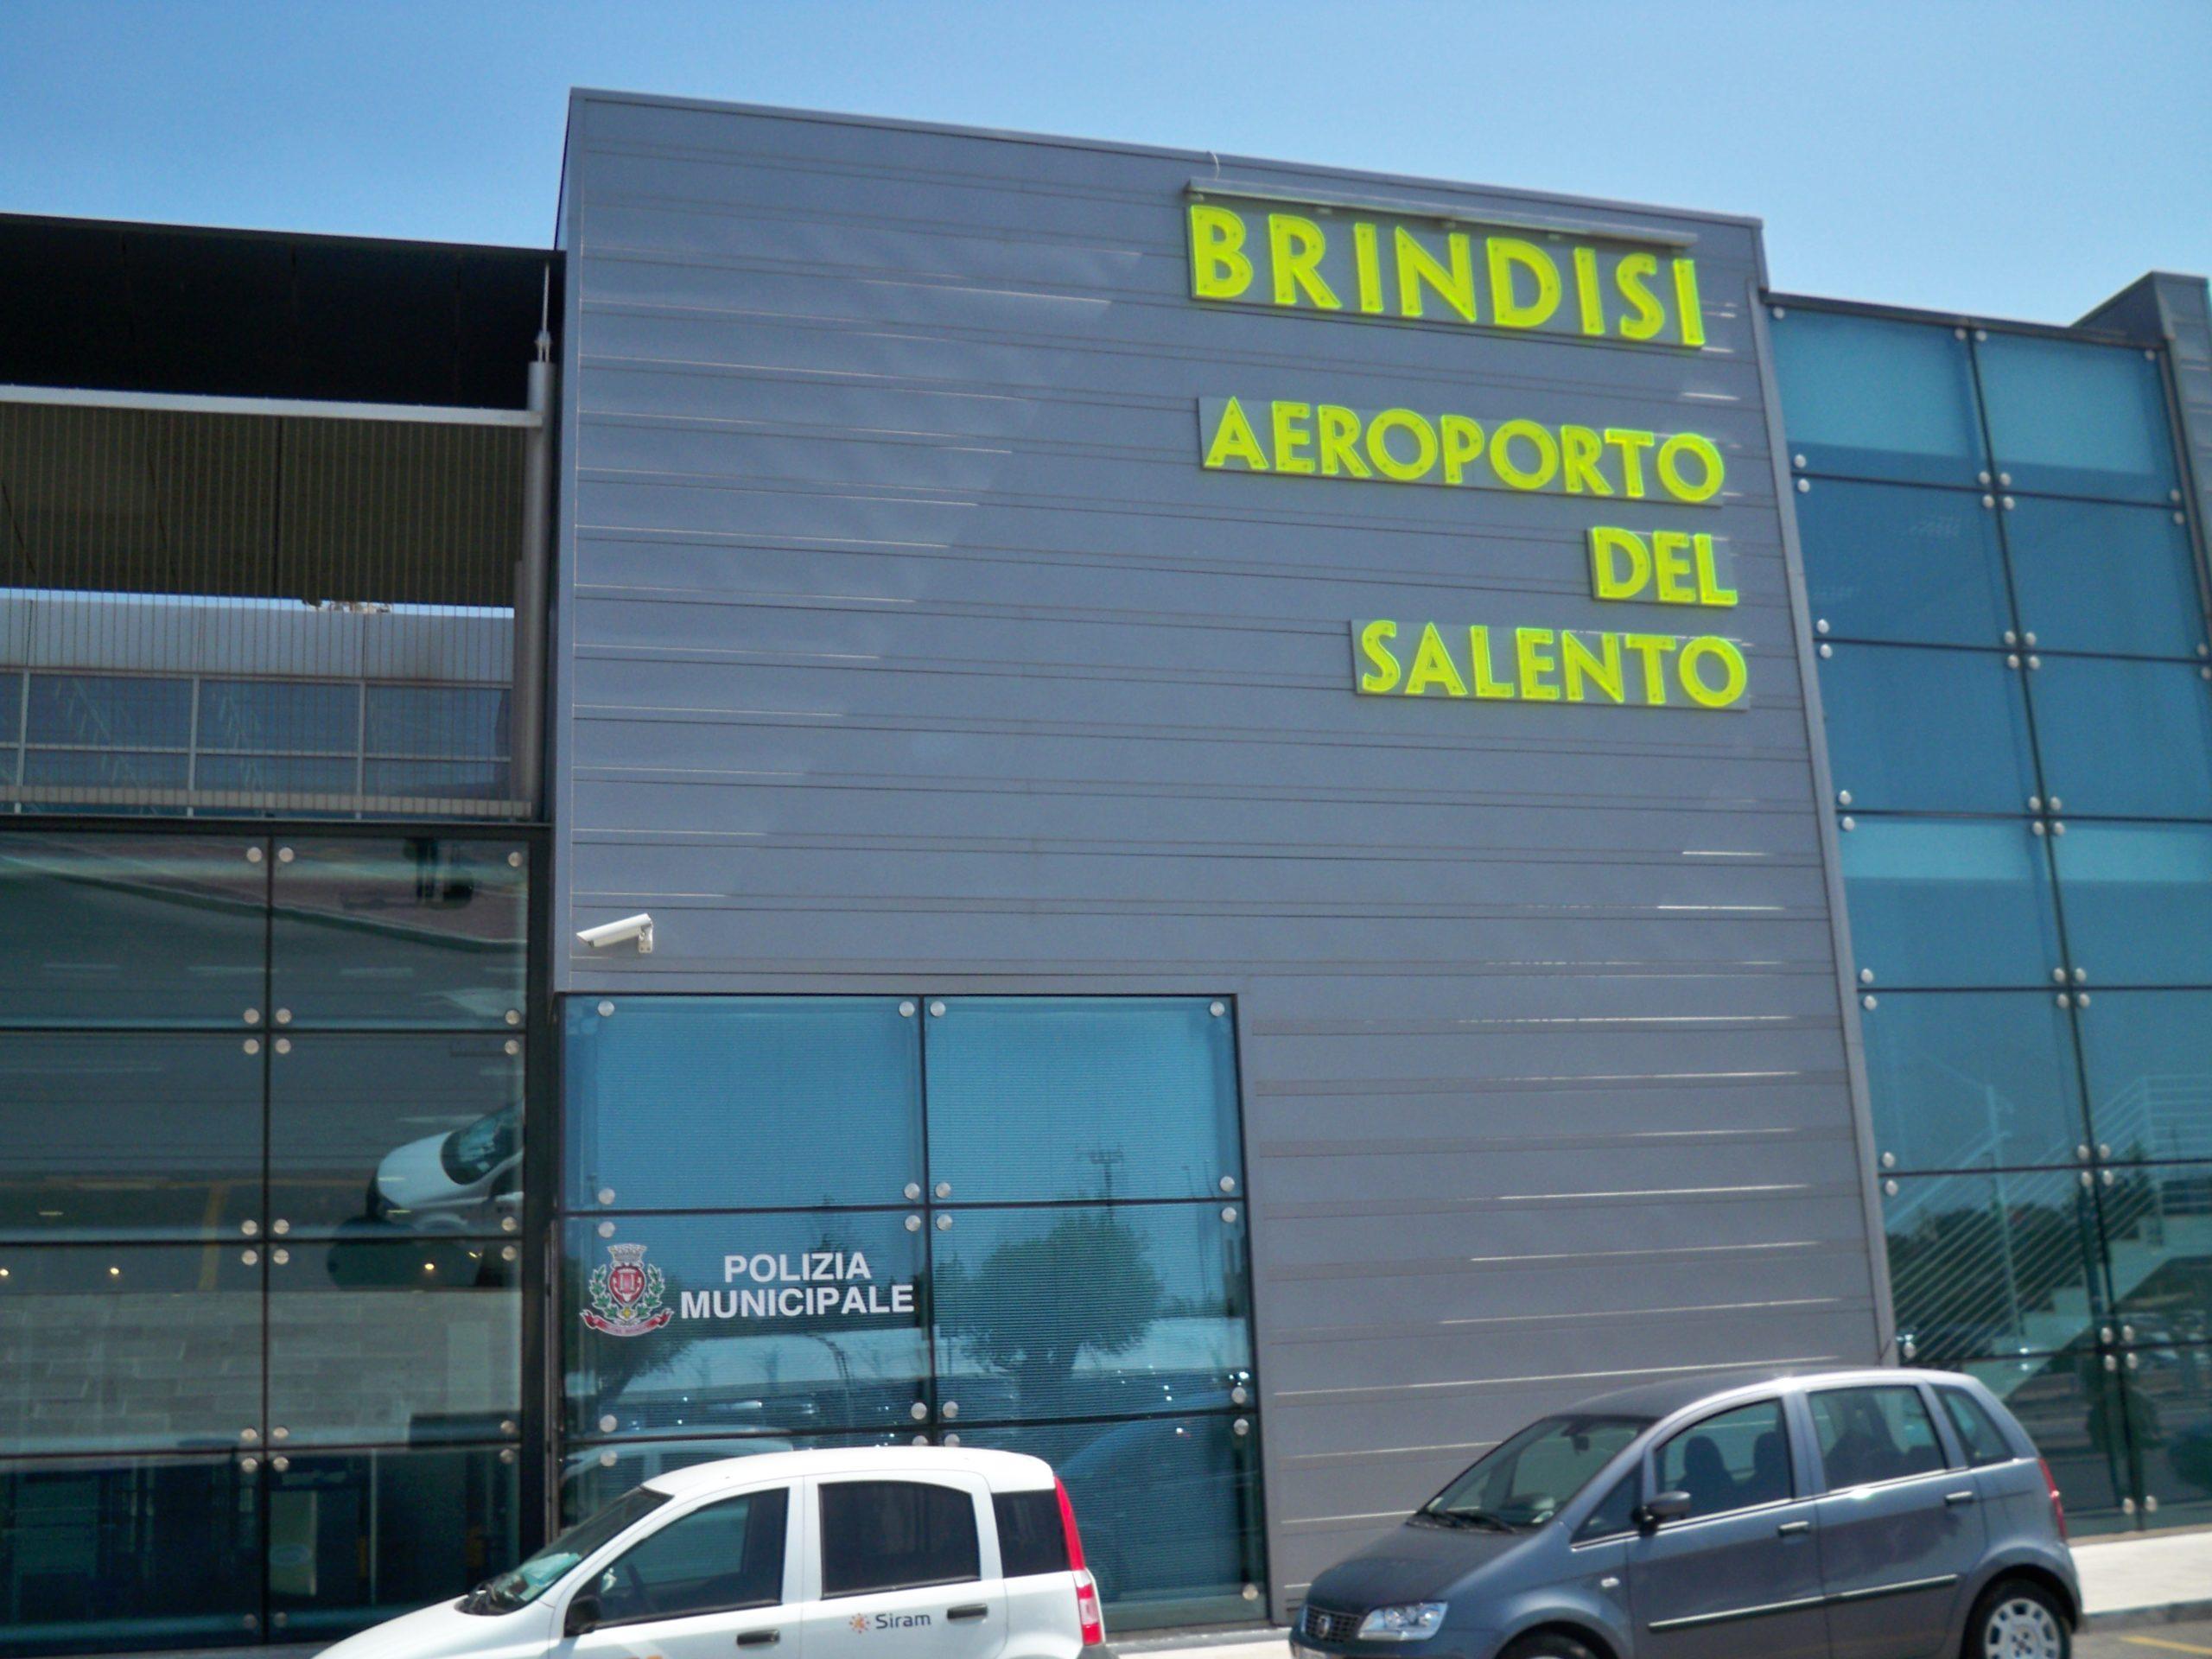 Brindisi, aeroporto del Salento. M5S: Disposte misure per riaprire nel più breve tempo possibile. No a polemiche strumentali